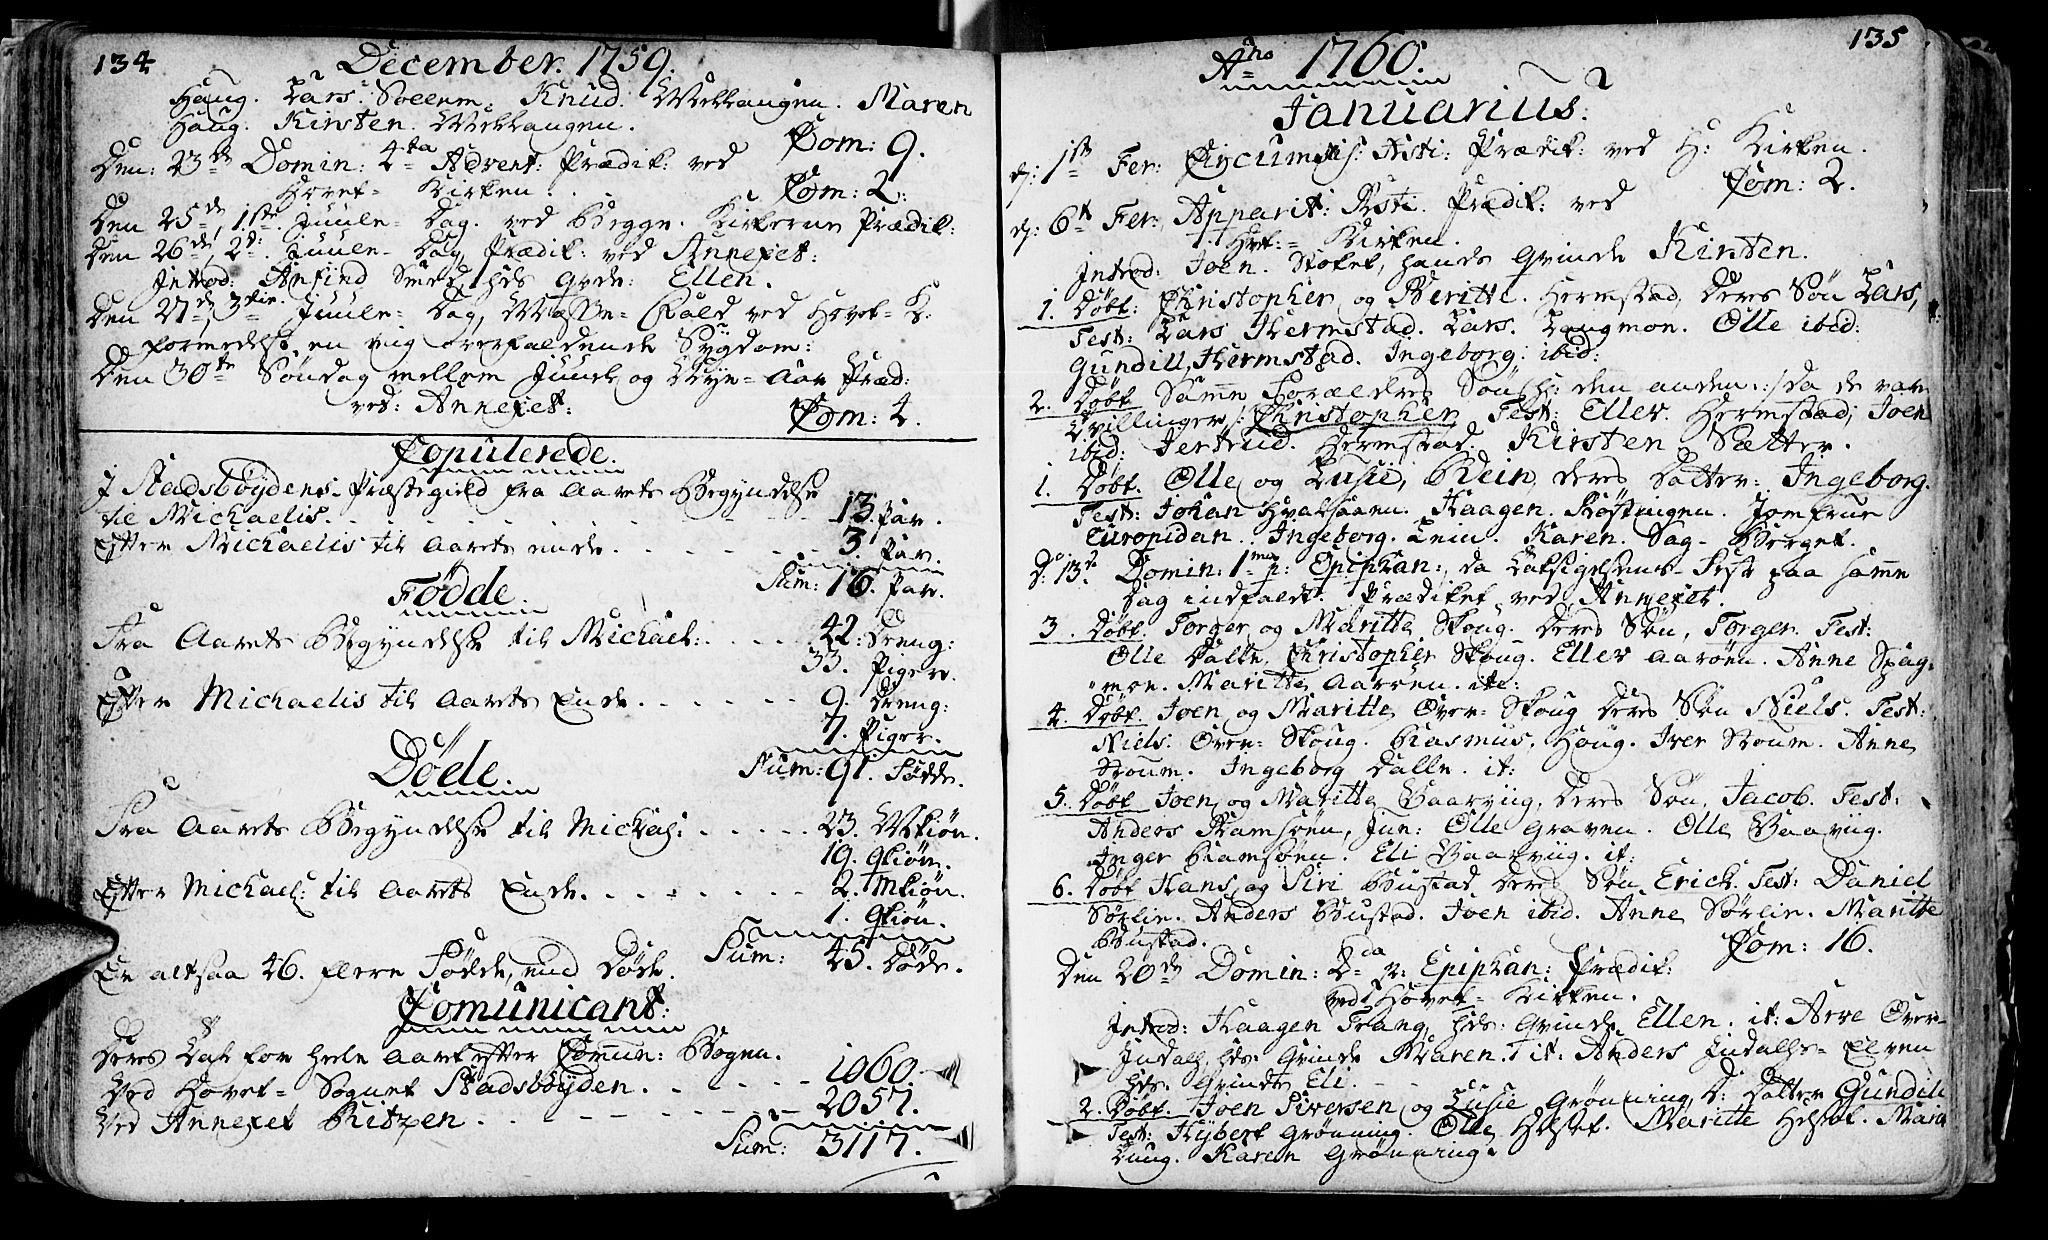 SAT, Ministerialprotokoller, klokkerbøker og fødselsregistre - Sør-Trøndelag, 646/L0605: Ministerialbok nr. 646A03, 1751-1790, s. 134-135